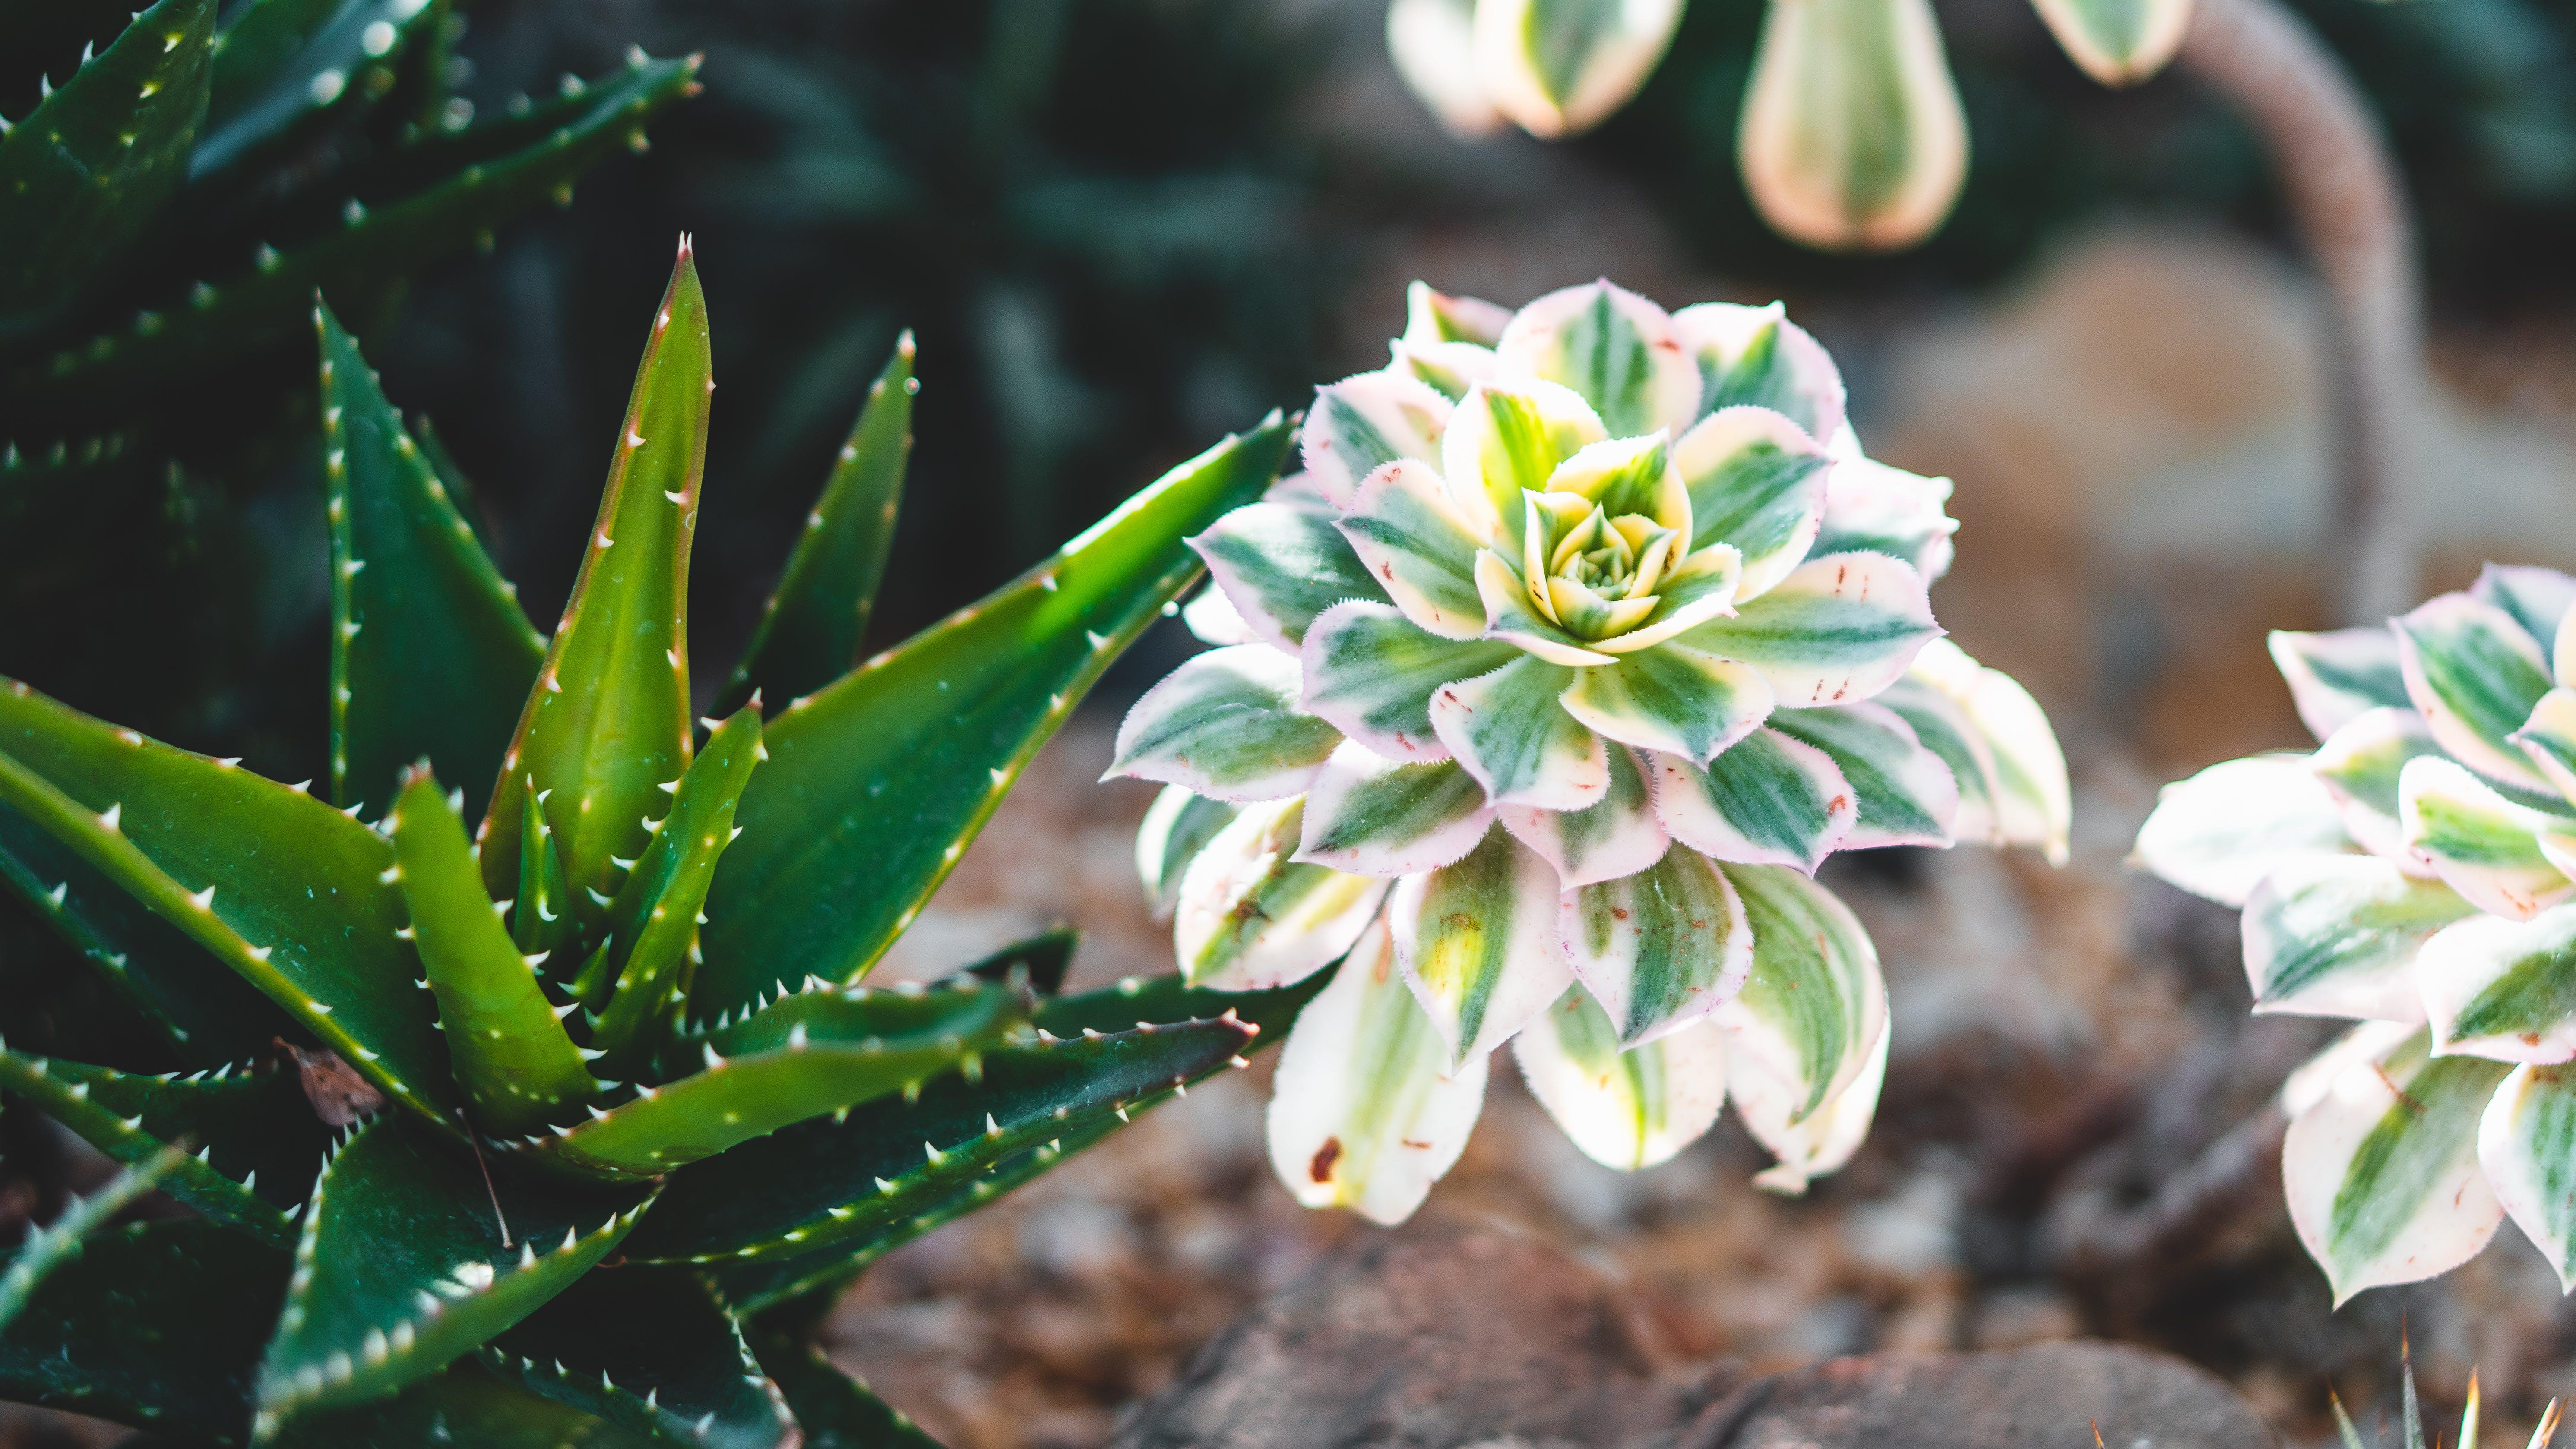 仙人掌, 仙人掌植物, 刺, 增長 的 免費圖庫相片